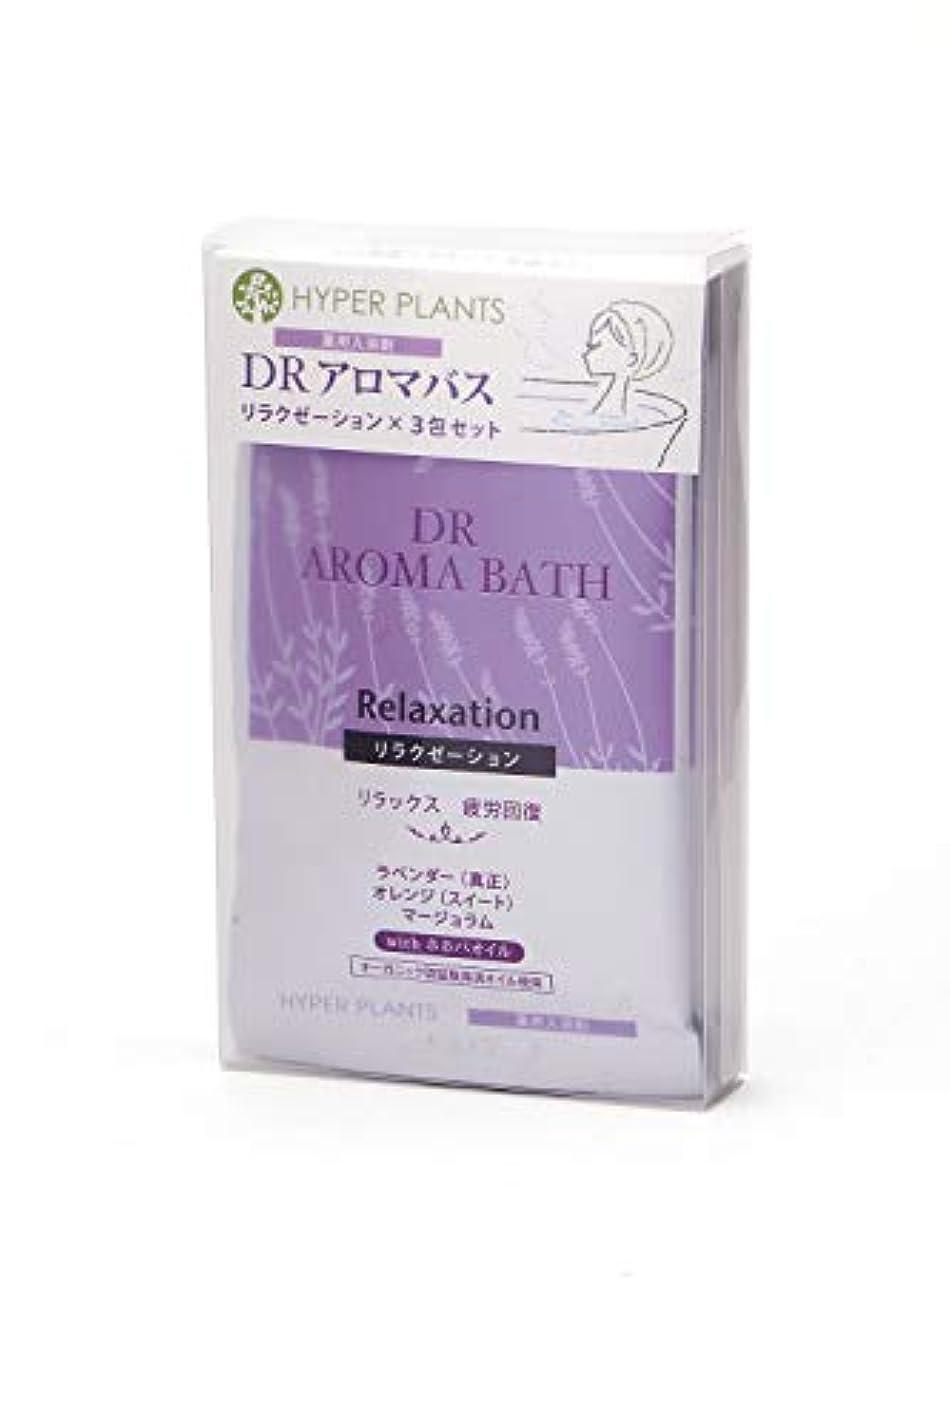 申込み絶え間ない要求医薬部外品 薬用入浴剤 ハイパープランツ DRアロマバス リラクゼーション 3包セット